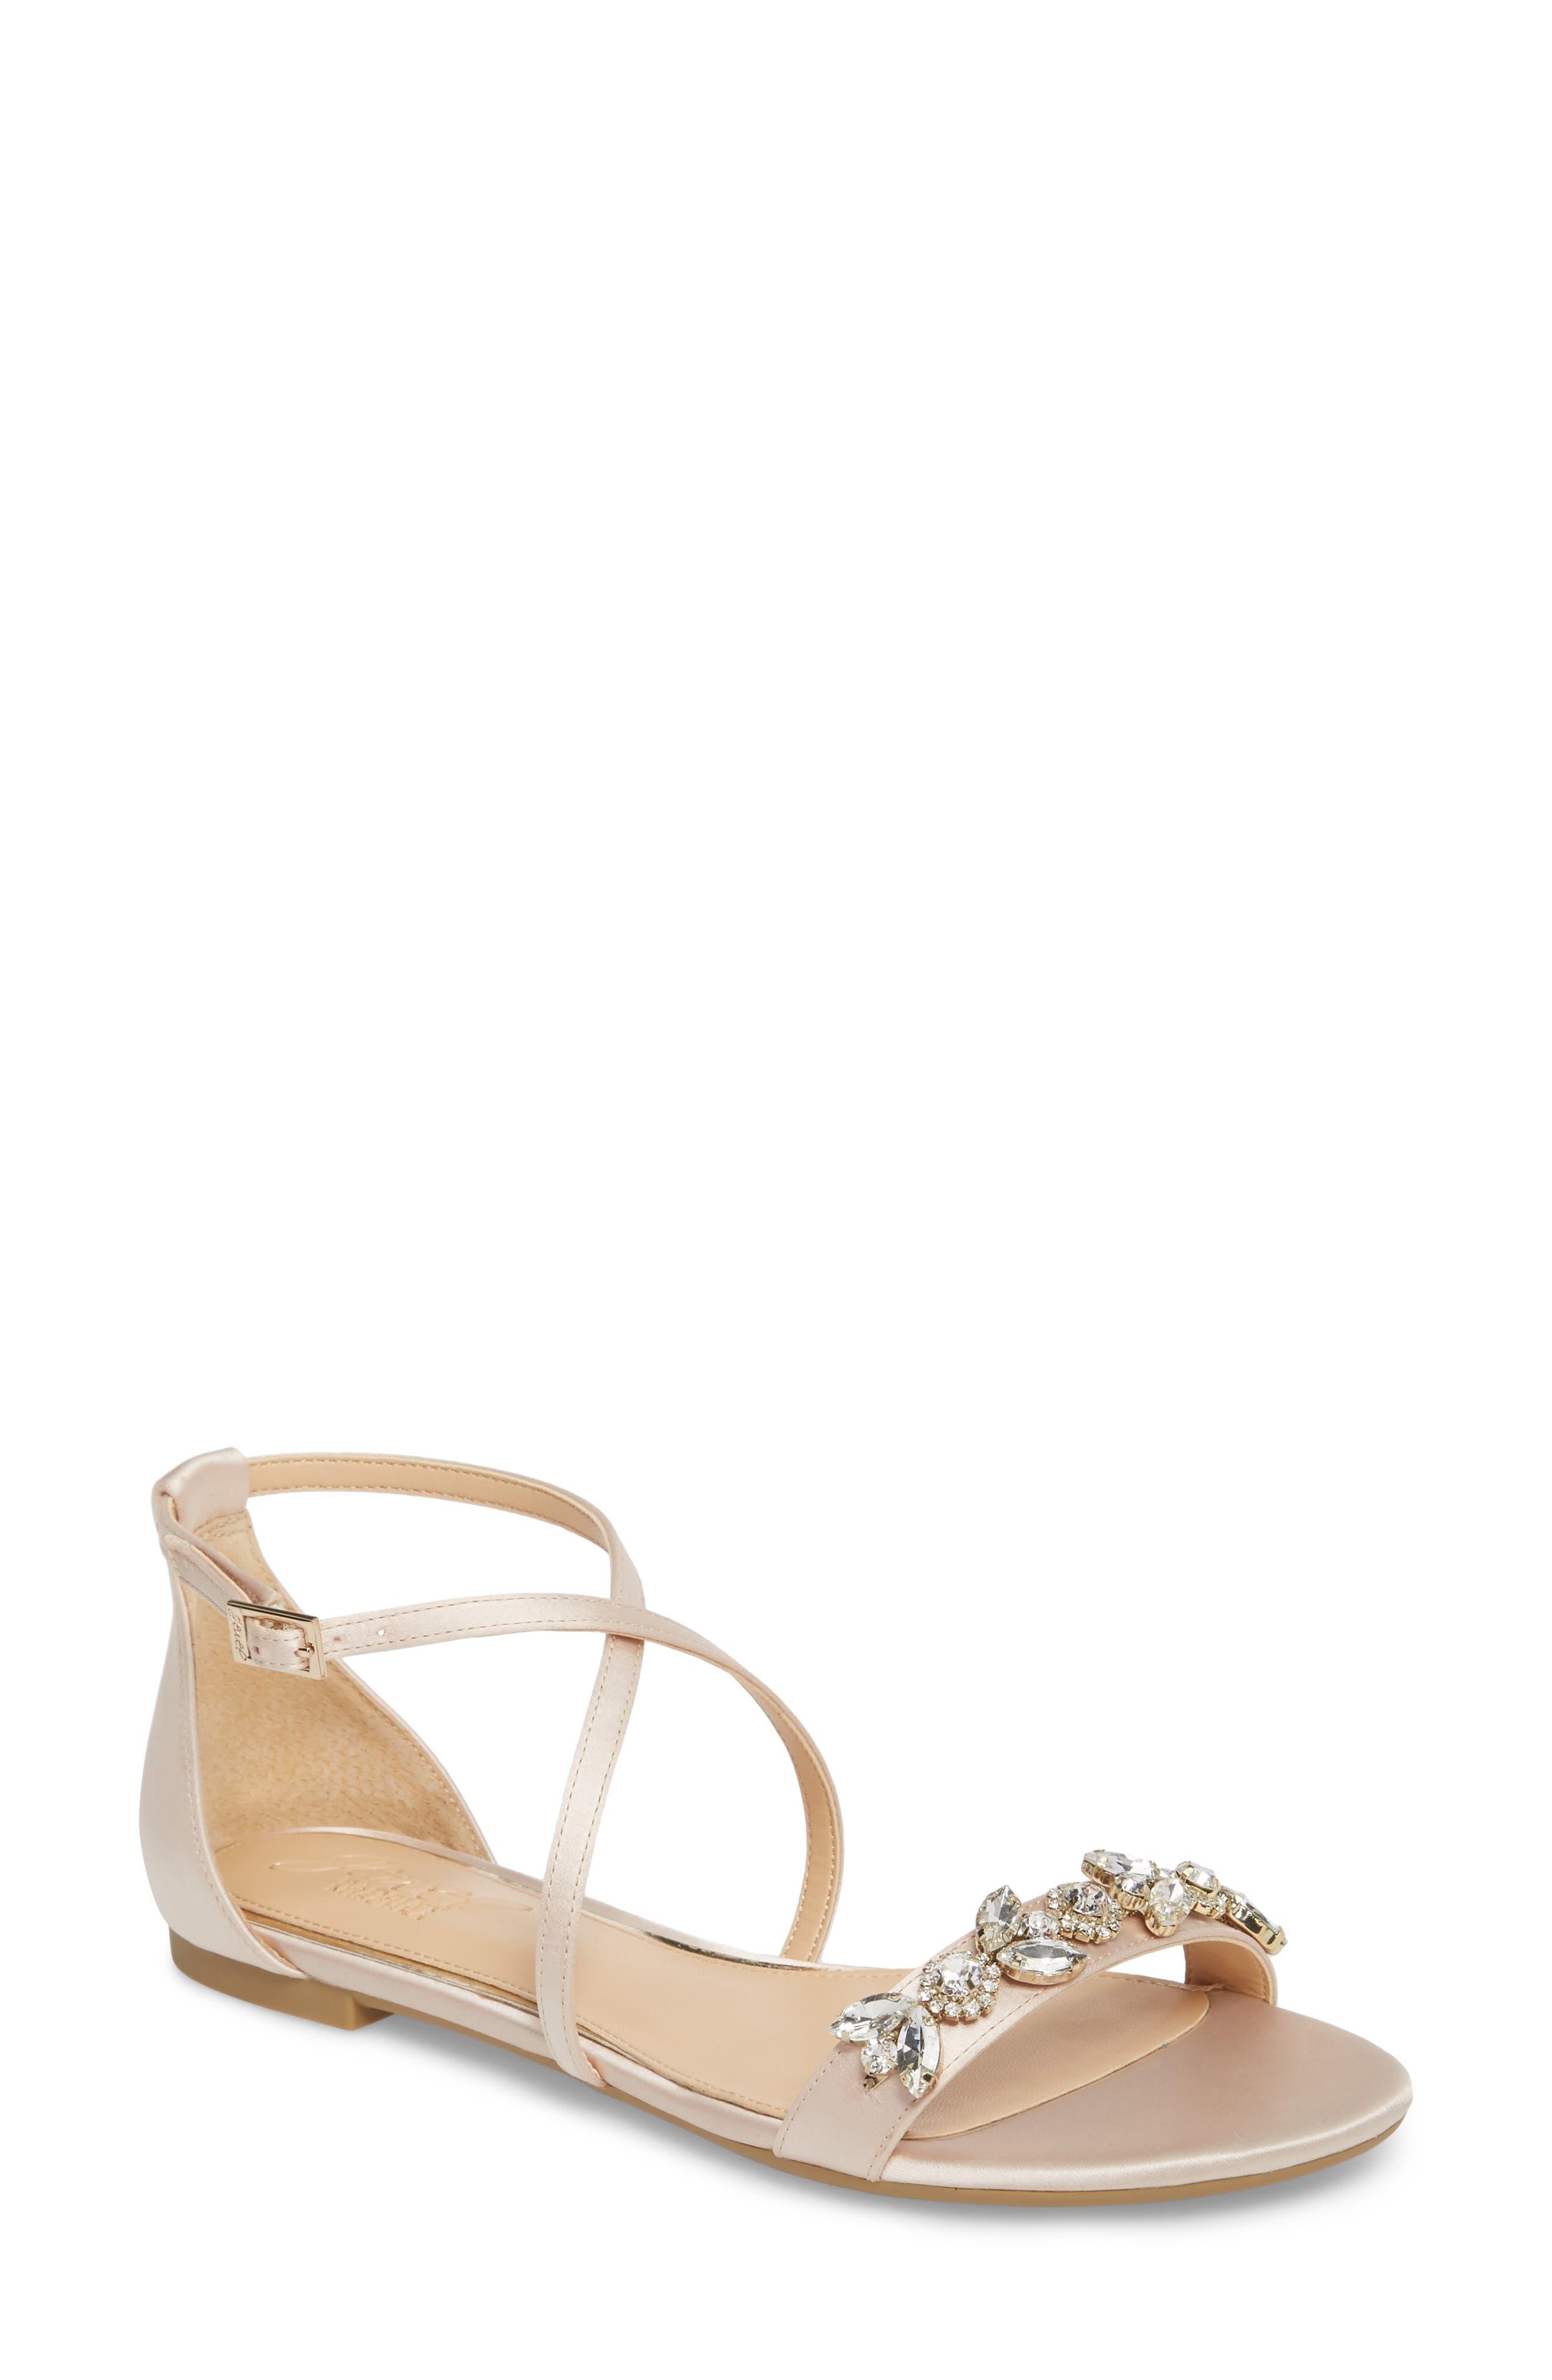 Tessy Embellished Sandal